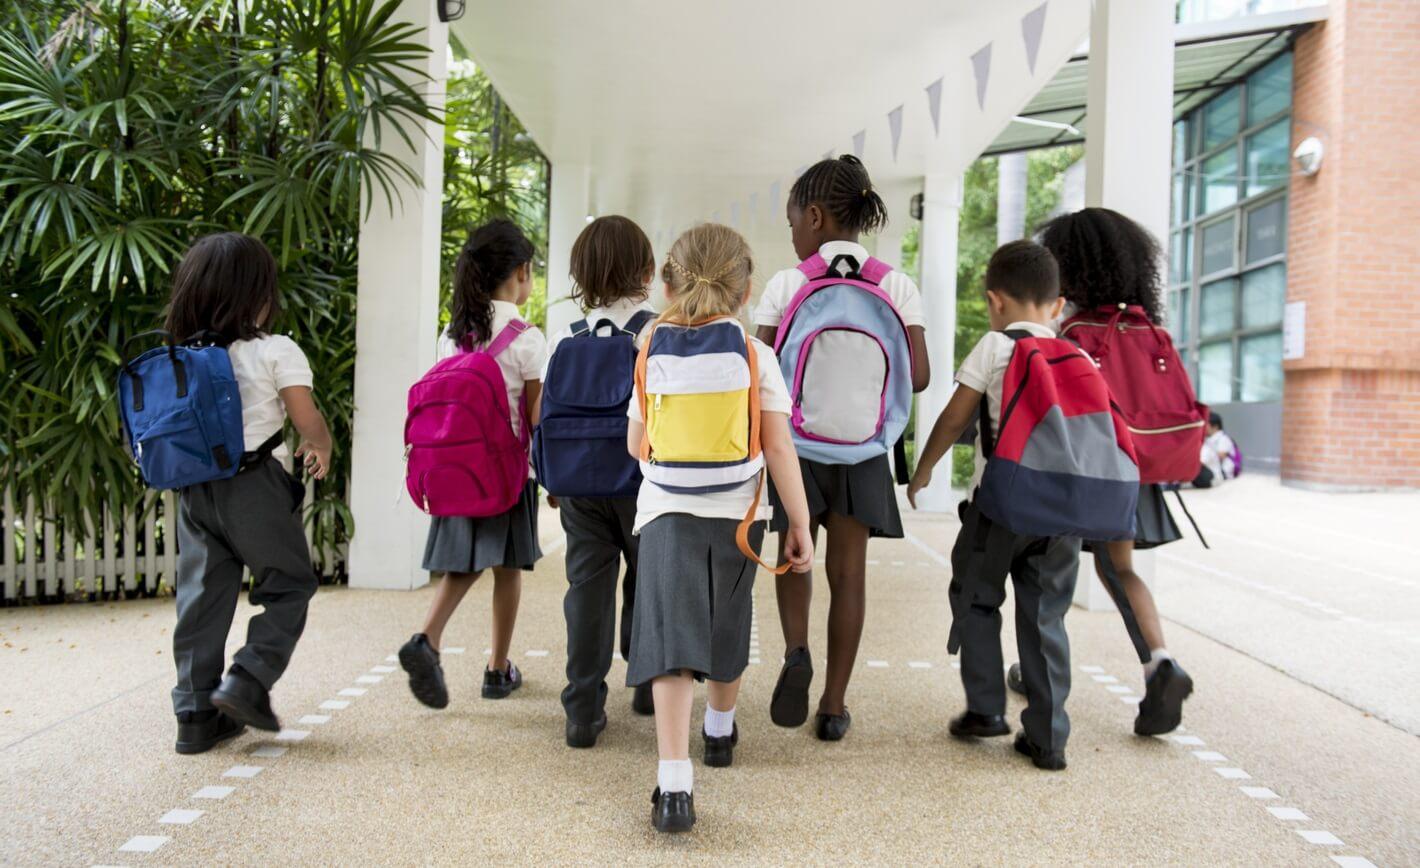 10 طرق لدعم الأهل أولادهم نفسياّ قبيل العودة الى المدرسة